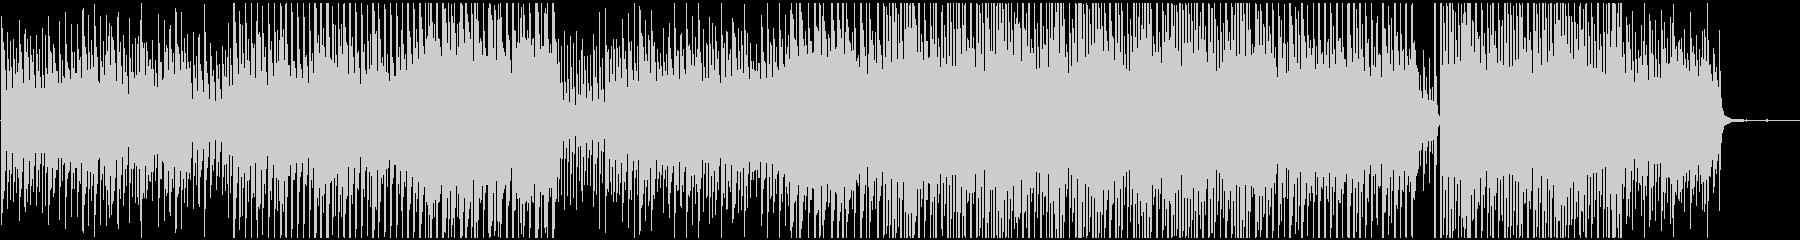 かわいい系の優しい音の未再生の波形